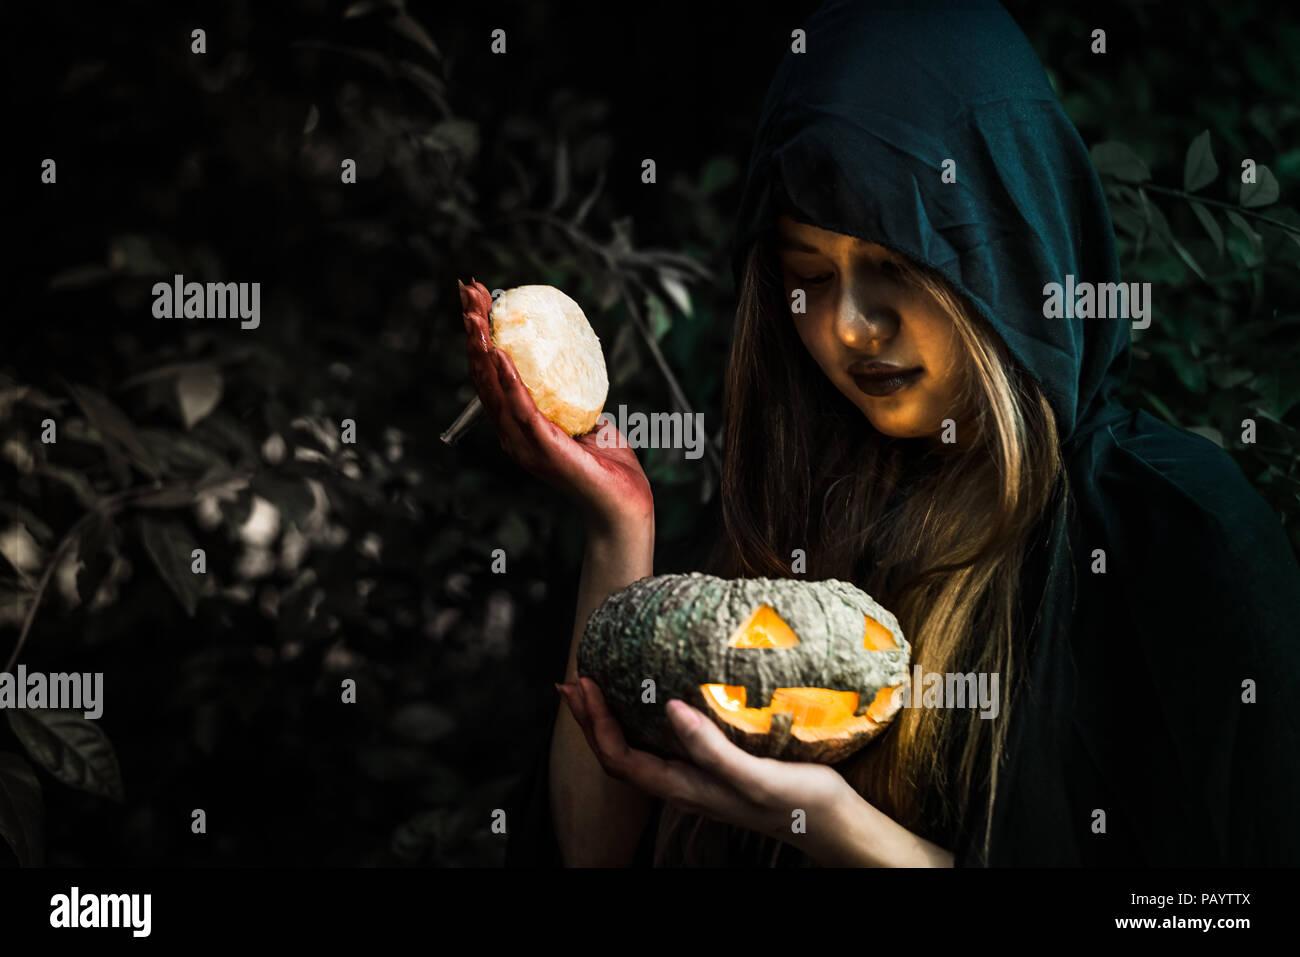 Hexe Eröffnung Kürbis Deckel per Hand. Alte Frau mit hellen Kürbis in den dunklen Wald. Halloween Tag und Geheimnis, das Konzept. Fantasie von Magic Thema. Dämon Ein Stockbild